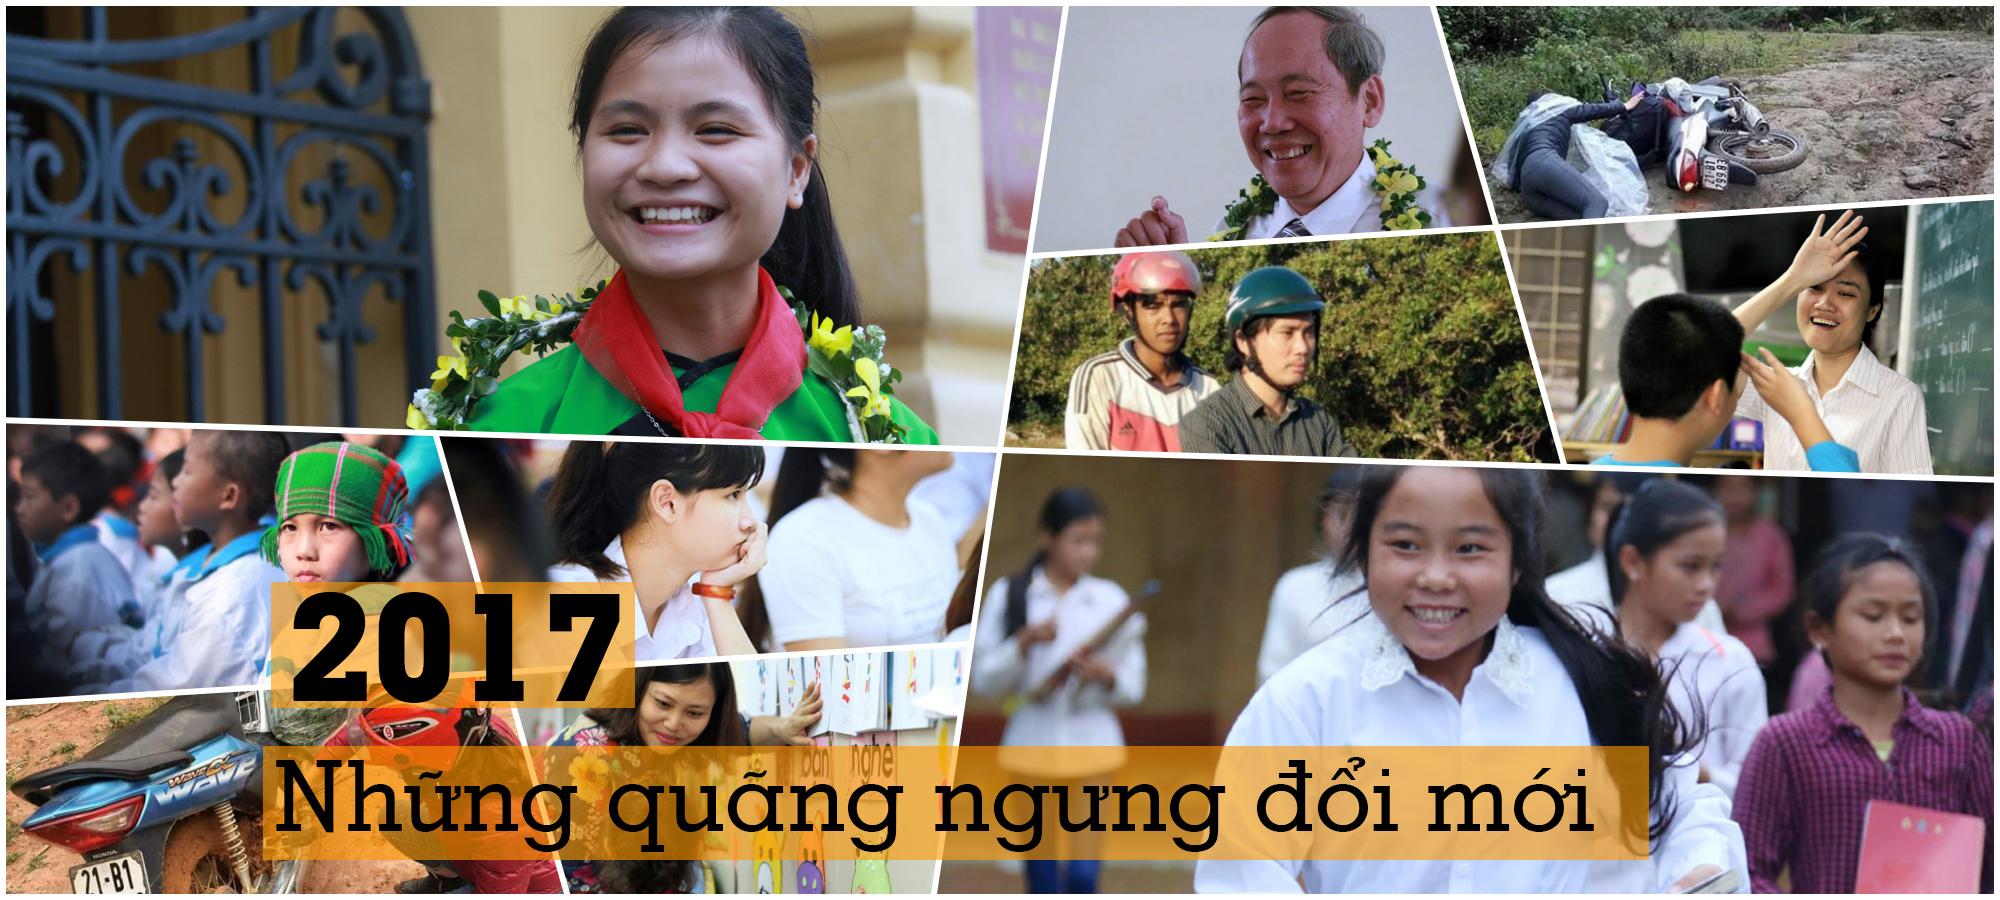 giáo dục phổ thông,chương trình giáo dục phổ thông tổng thể,chương trình sách giáo khoa mới,đổi mới giáo dục